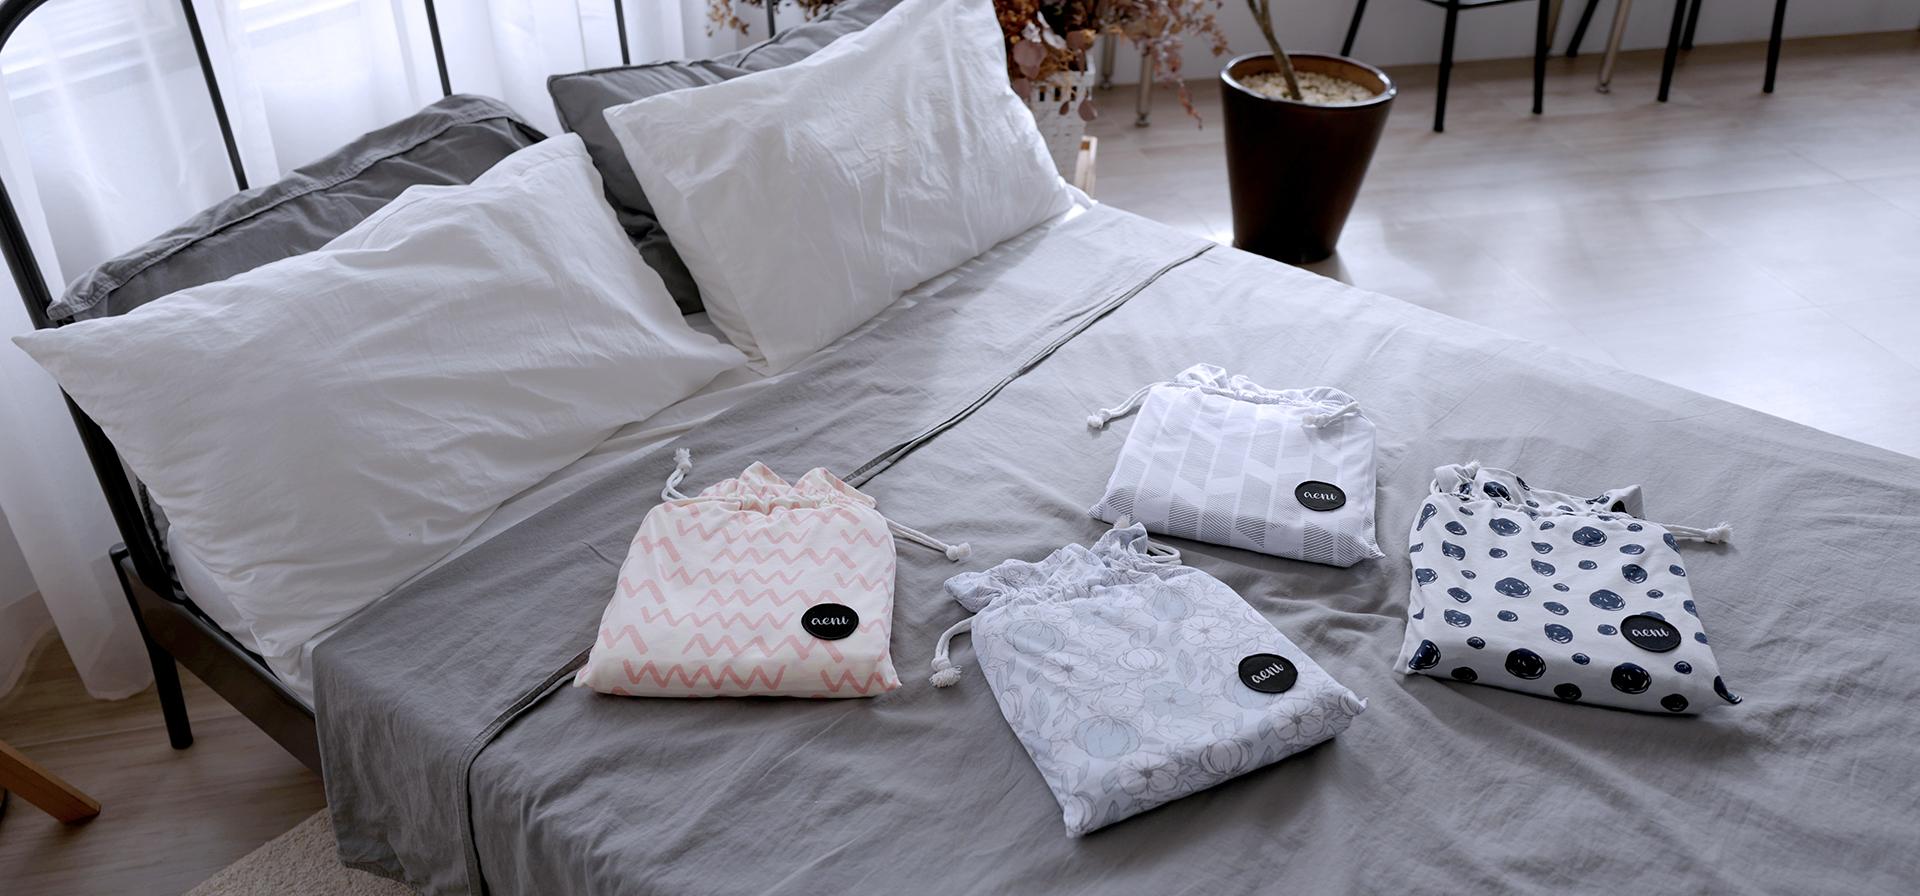 旅行床組,手繪圈圈,幾何線條,粉紅鋸齒,睡眠神器